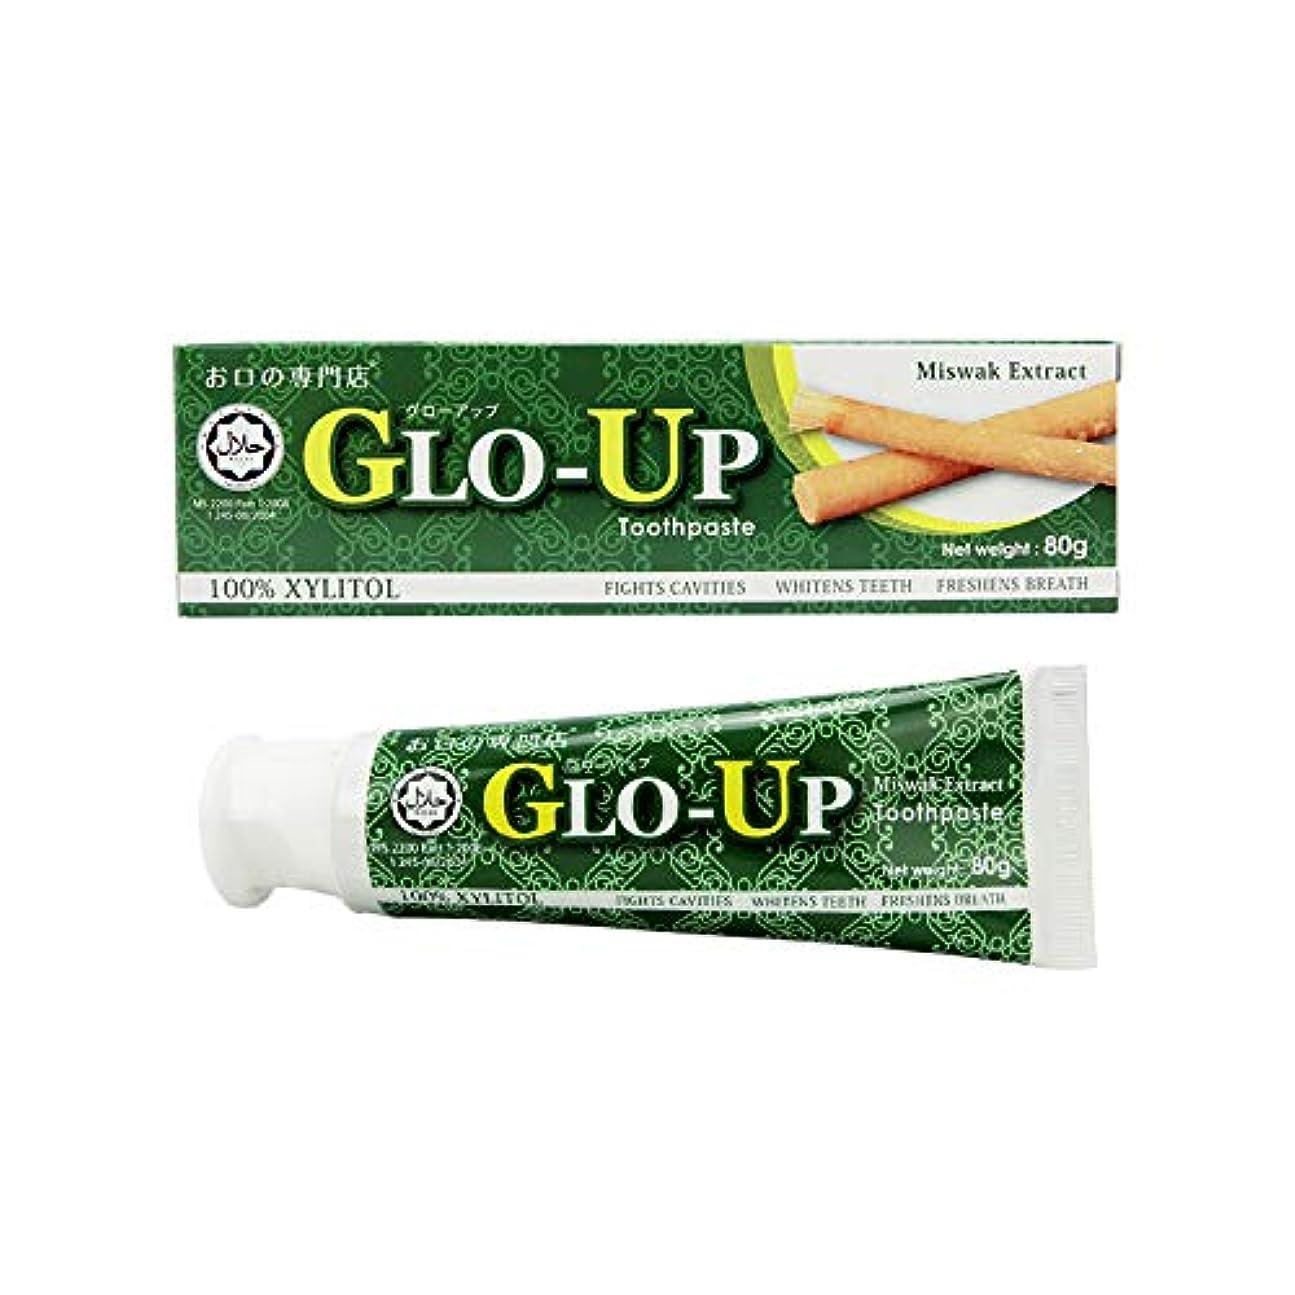 アスペクトチロリビジョンお口の専門店 GLO-UP(グローアップ) 歯磨きペースト 80g (1個) ハラール認証取得 キシリトール100% お口の専門店オリジナル 歯科医院取扱品